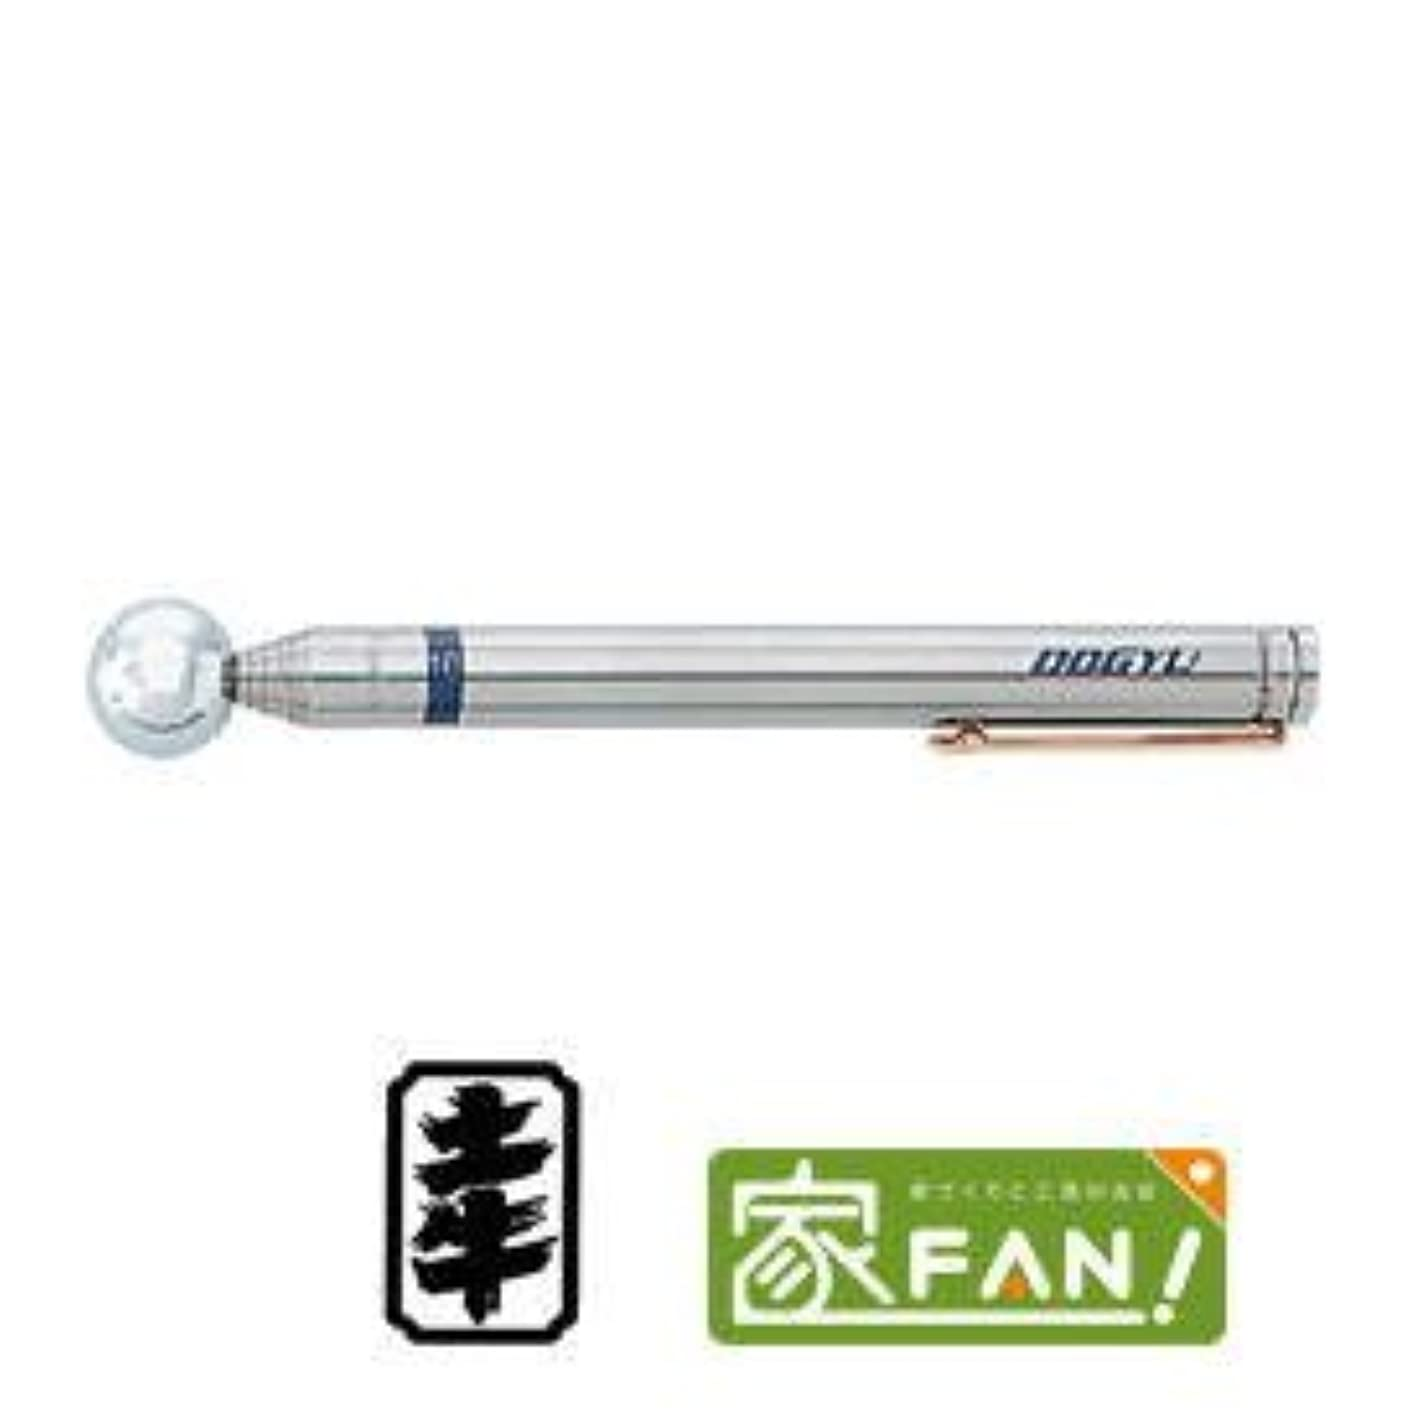 精巧な液化する彼らは土牛 DOGYU ペン型打診棒 打診棒Sペン PRO600 01138